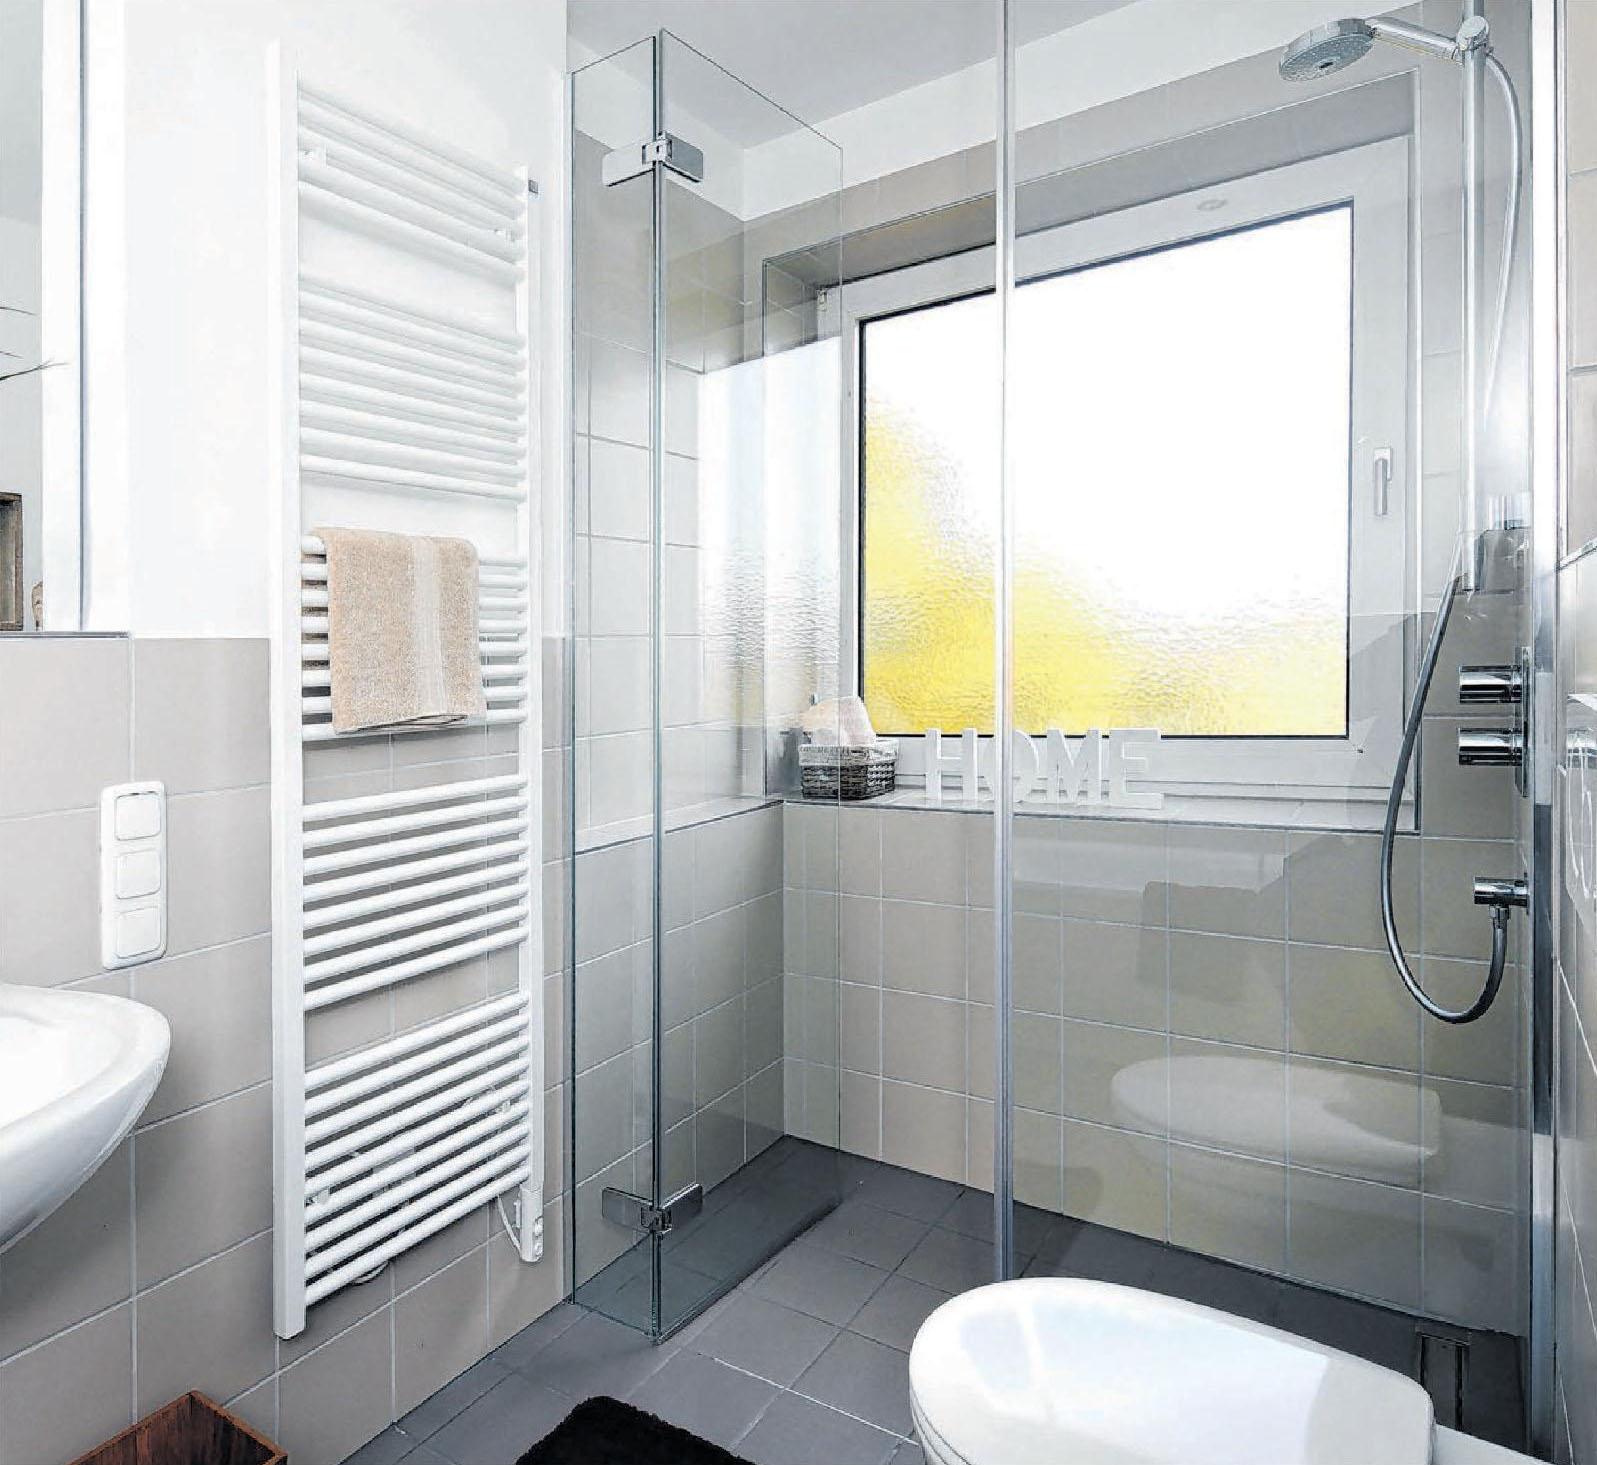 Ein barrierefreies Badezimmer ist sinnvoll – spätestens im Alter. Foto: Jörg Lantelme/Fotolia